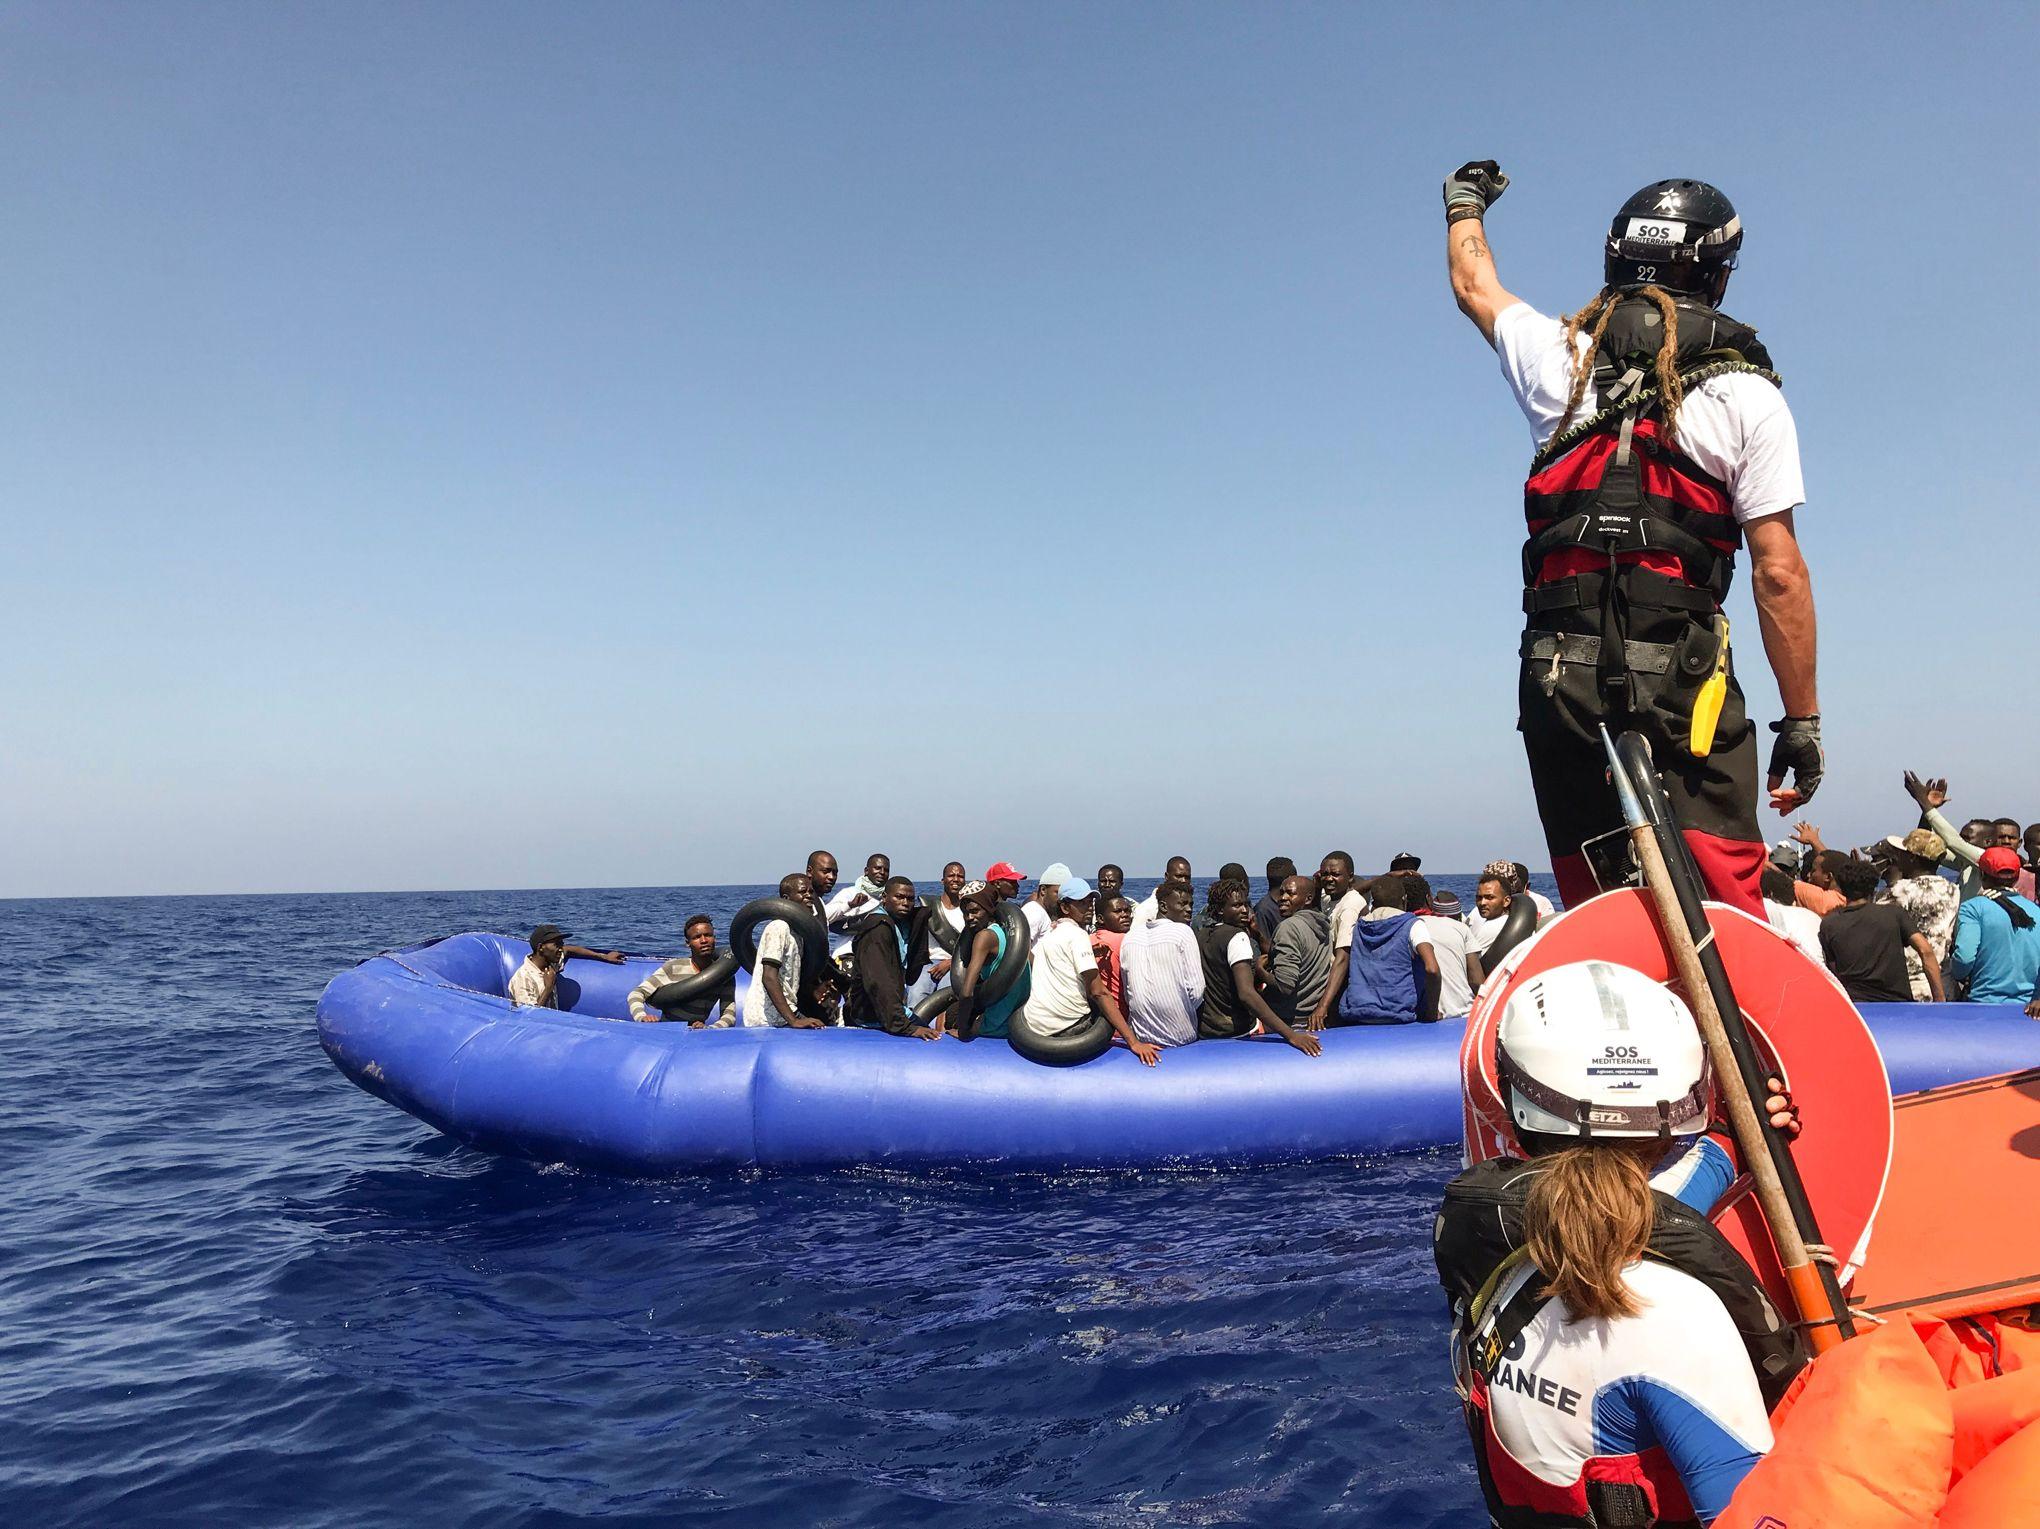 Sauvetage de migrants en mer: que dit le droit international?